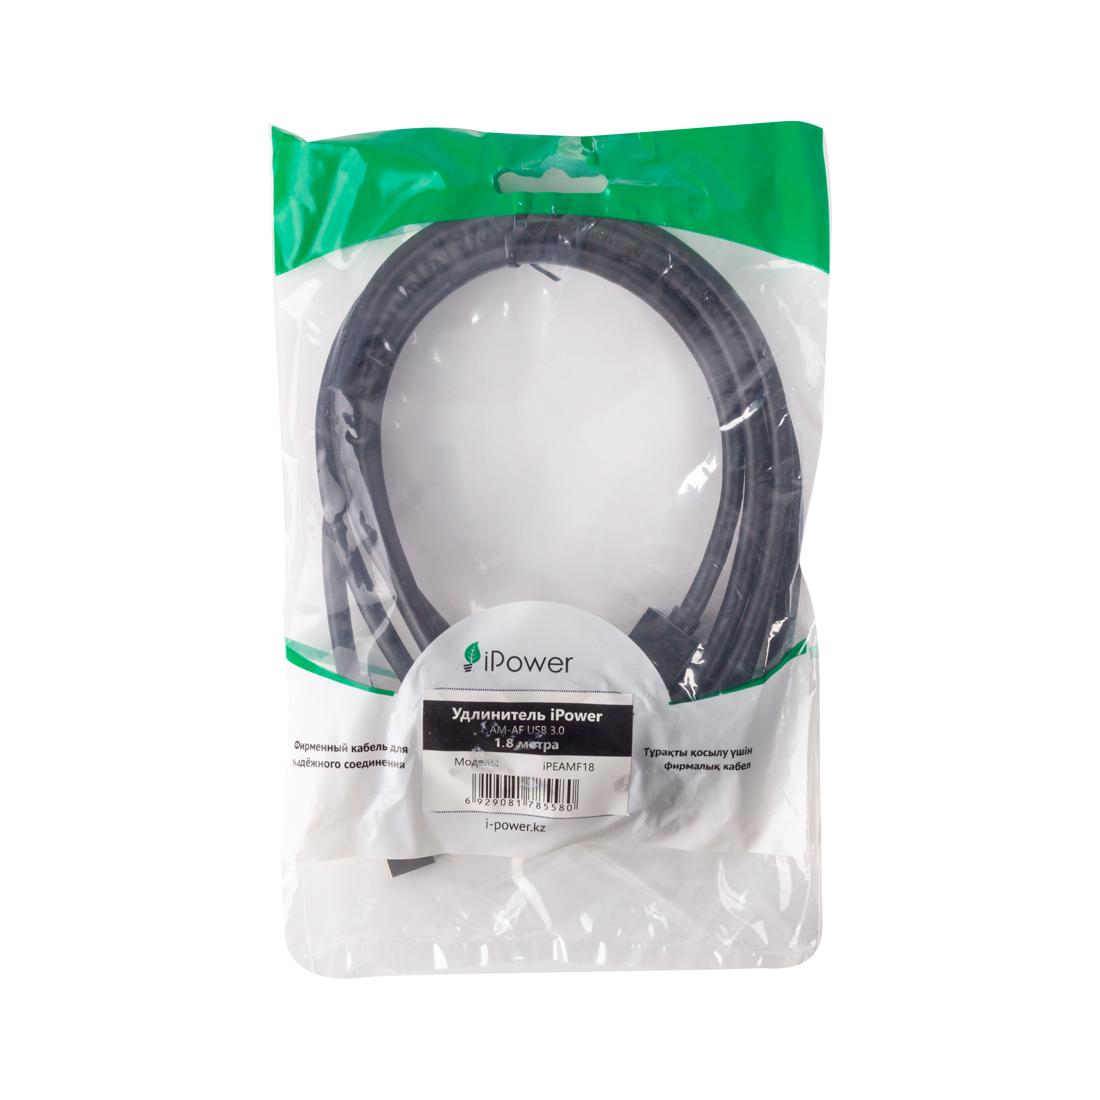 Удлинитель iPower AM-AF USB 3.0 1.8 метра